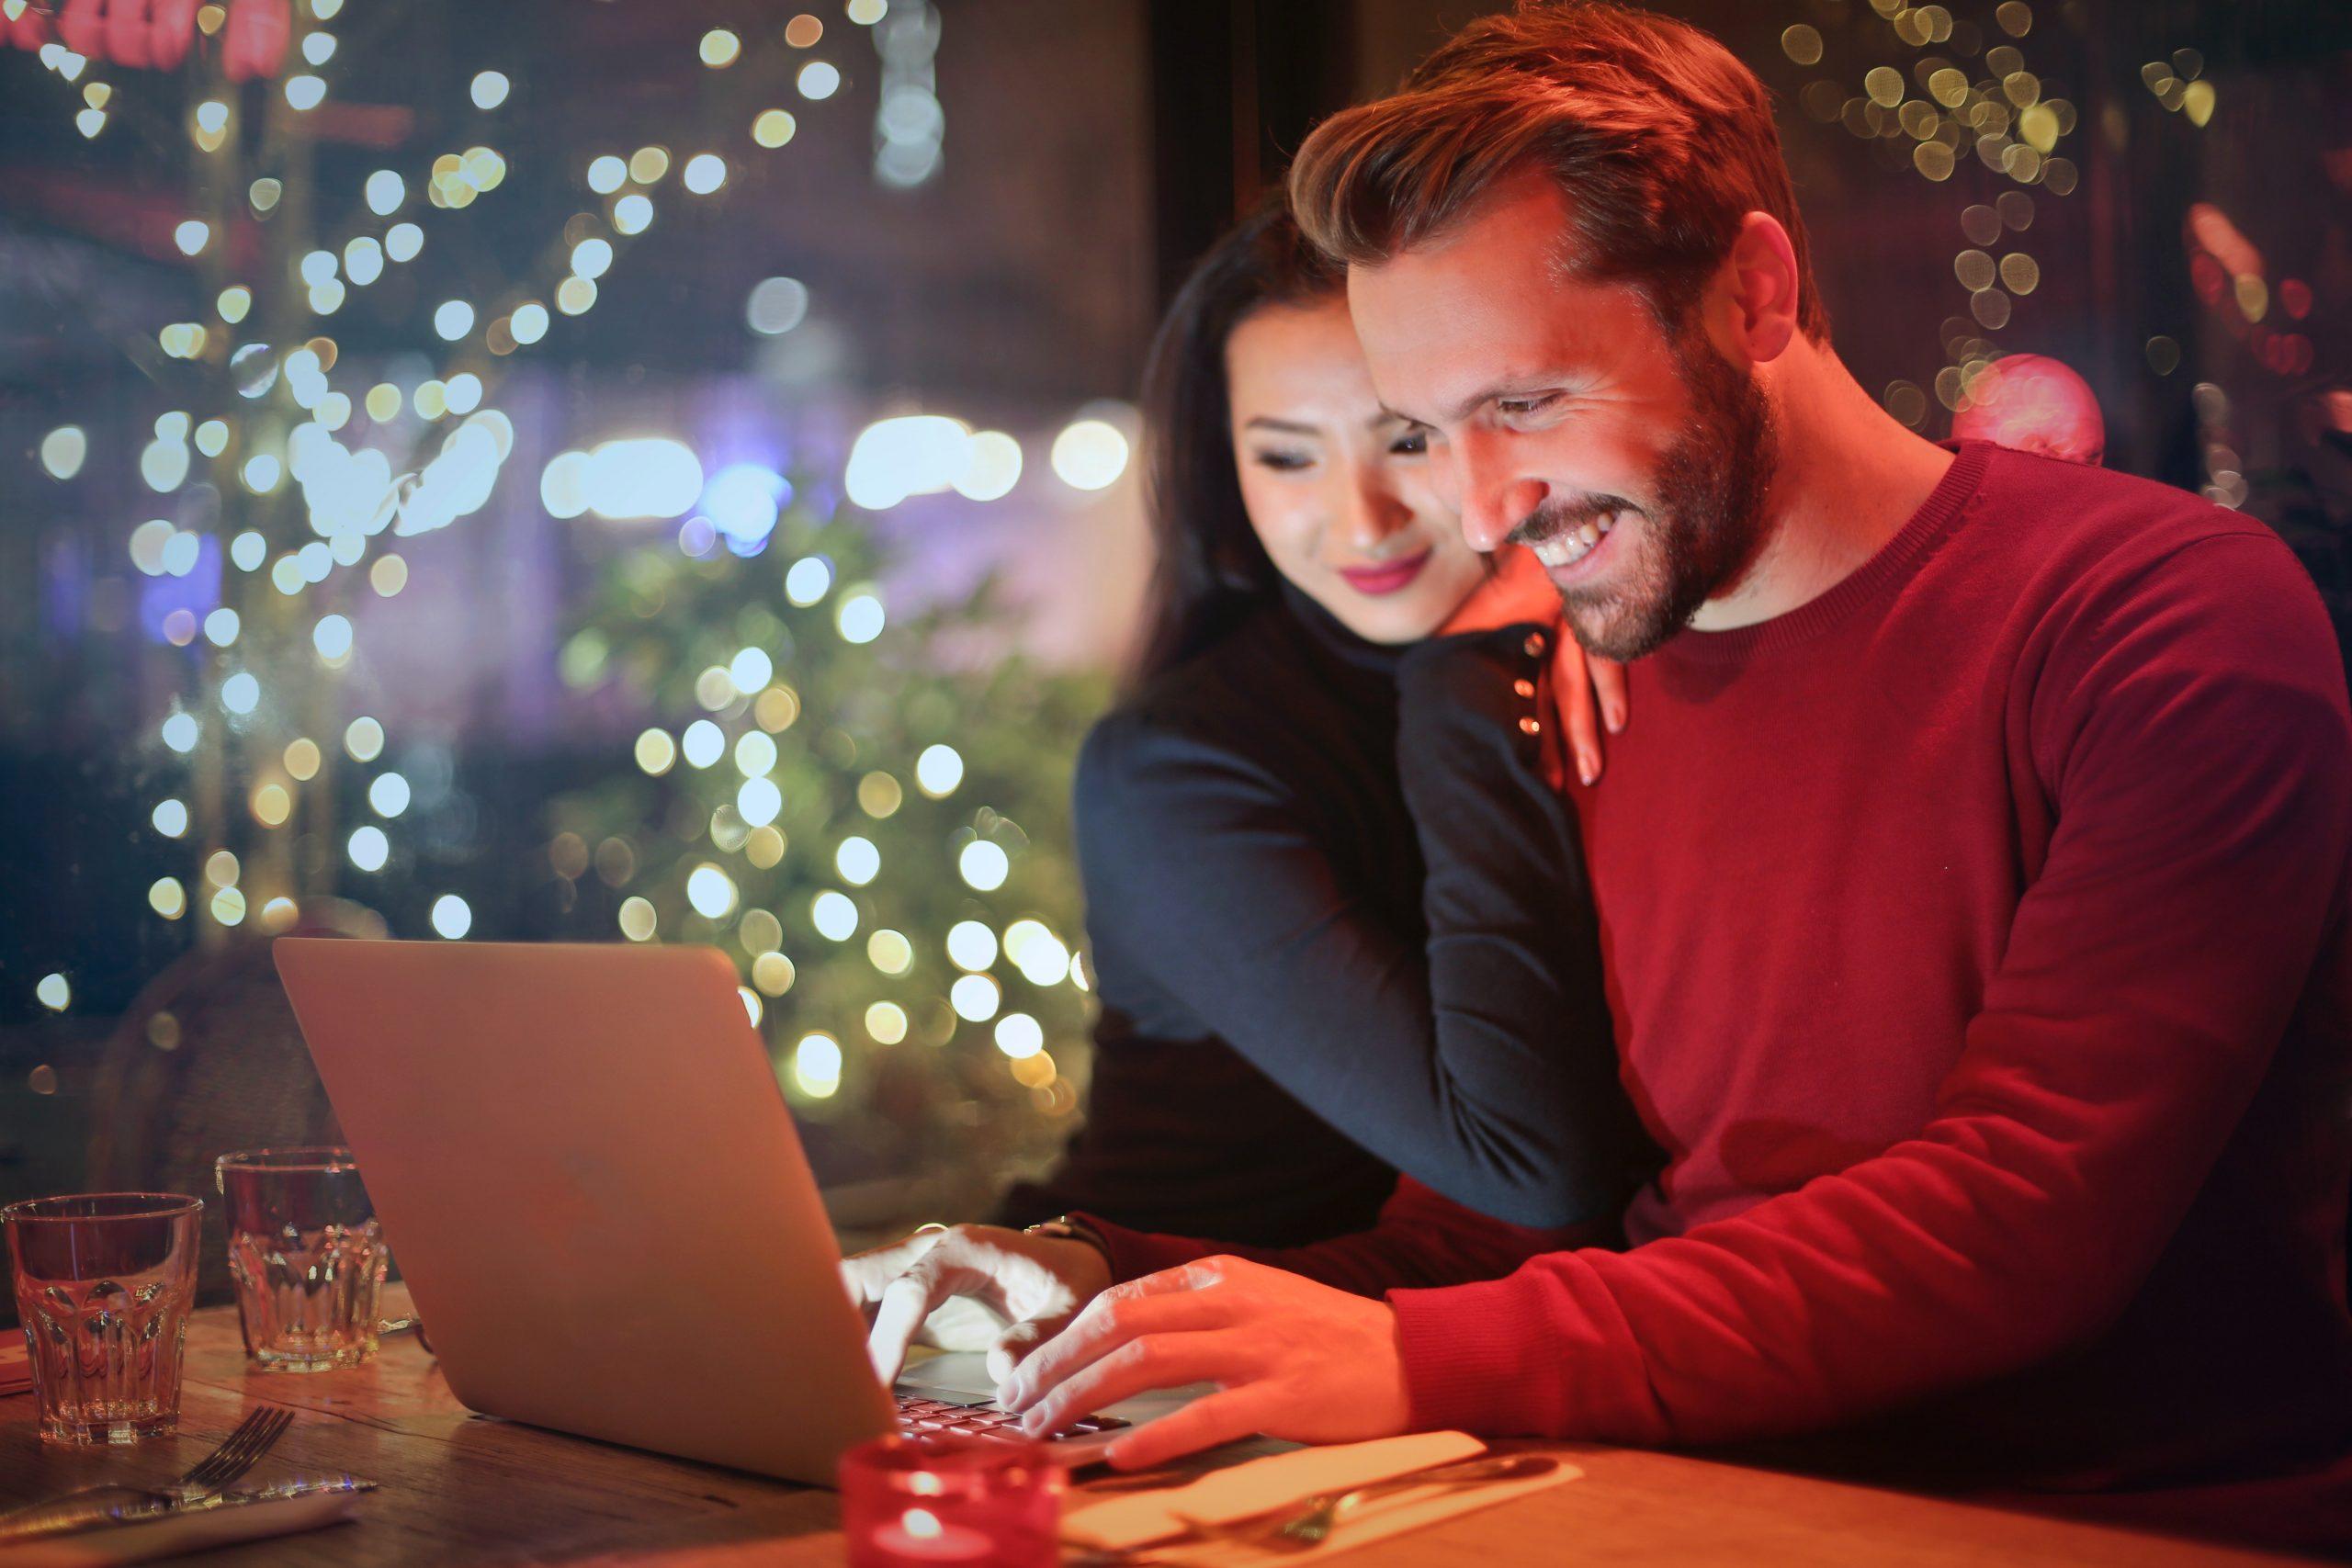 Internet e novas tecnologias potenciam laços sociais entre indivíduos